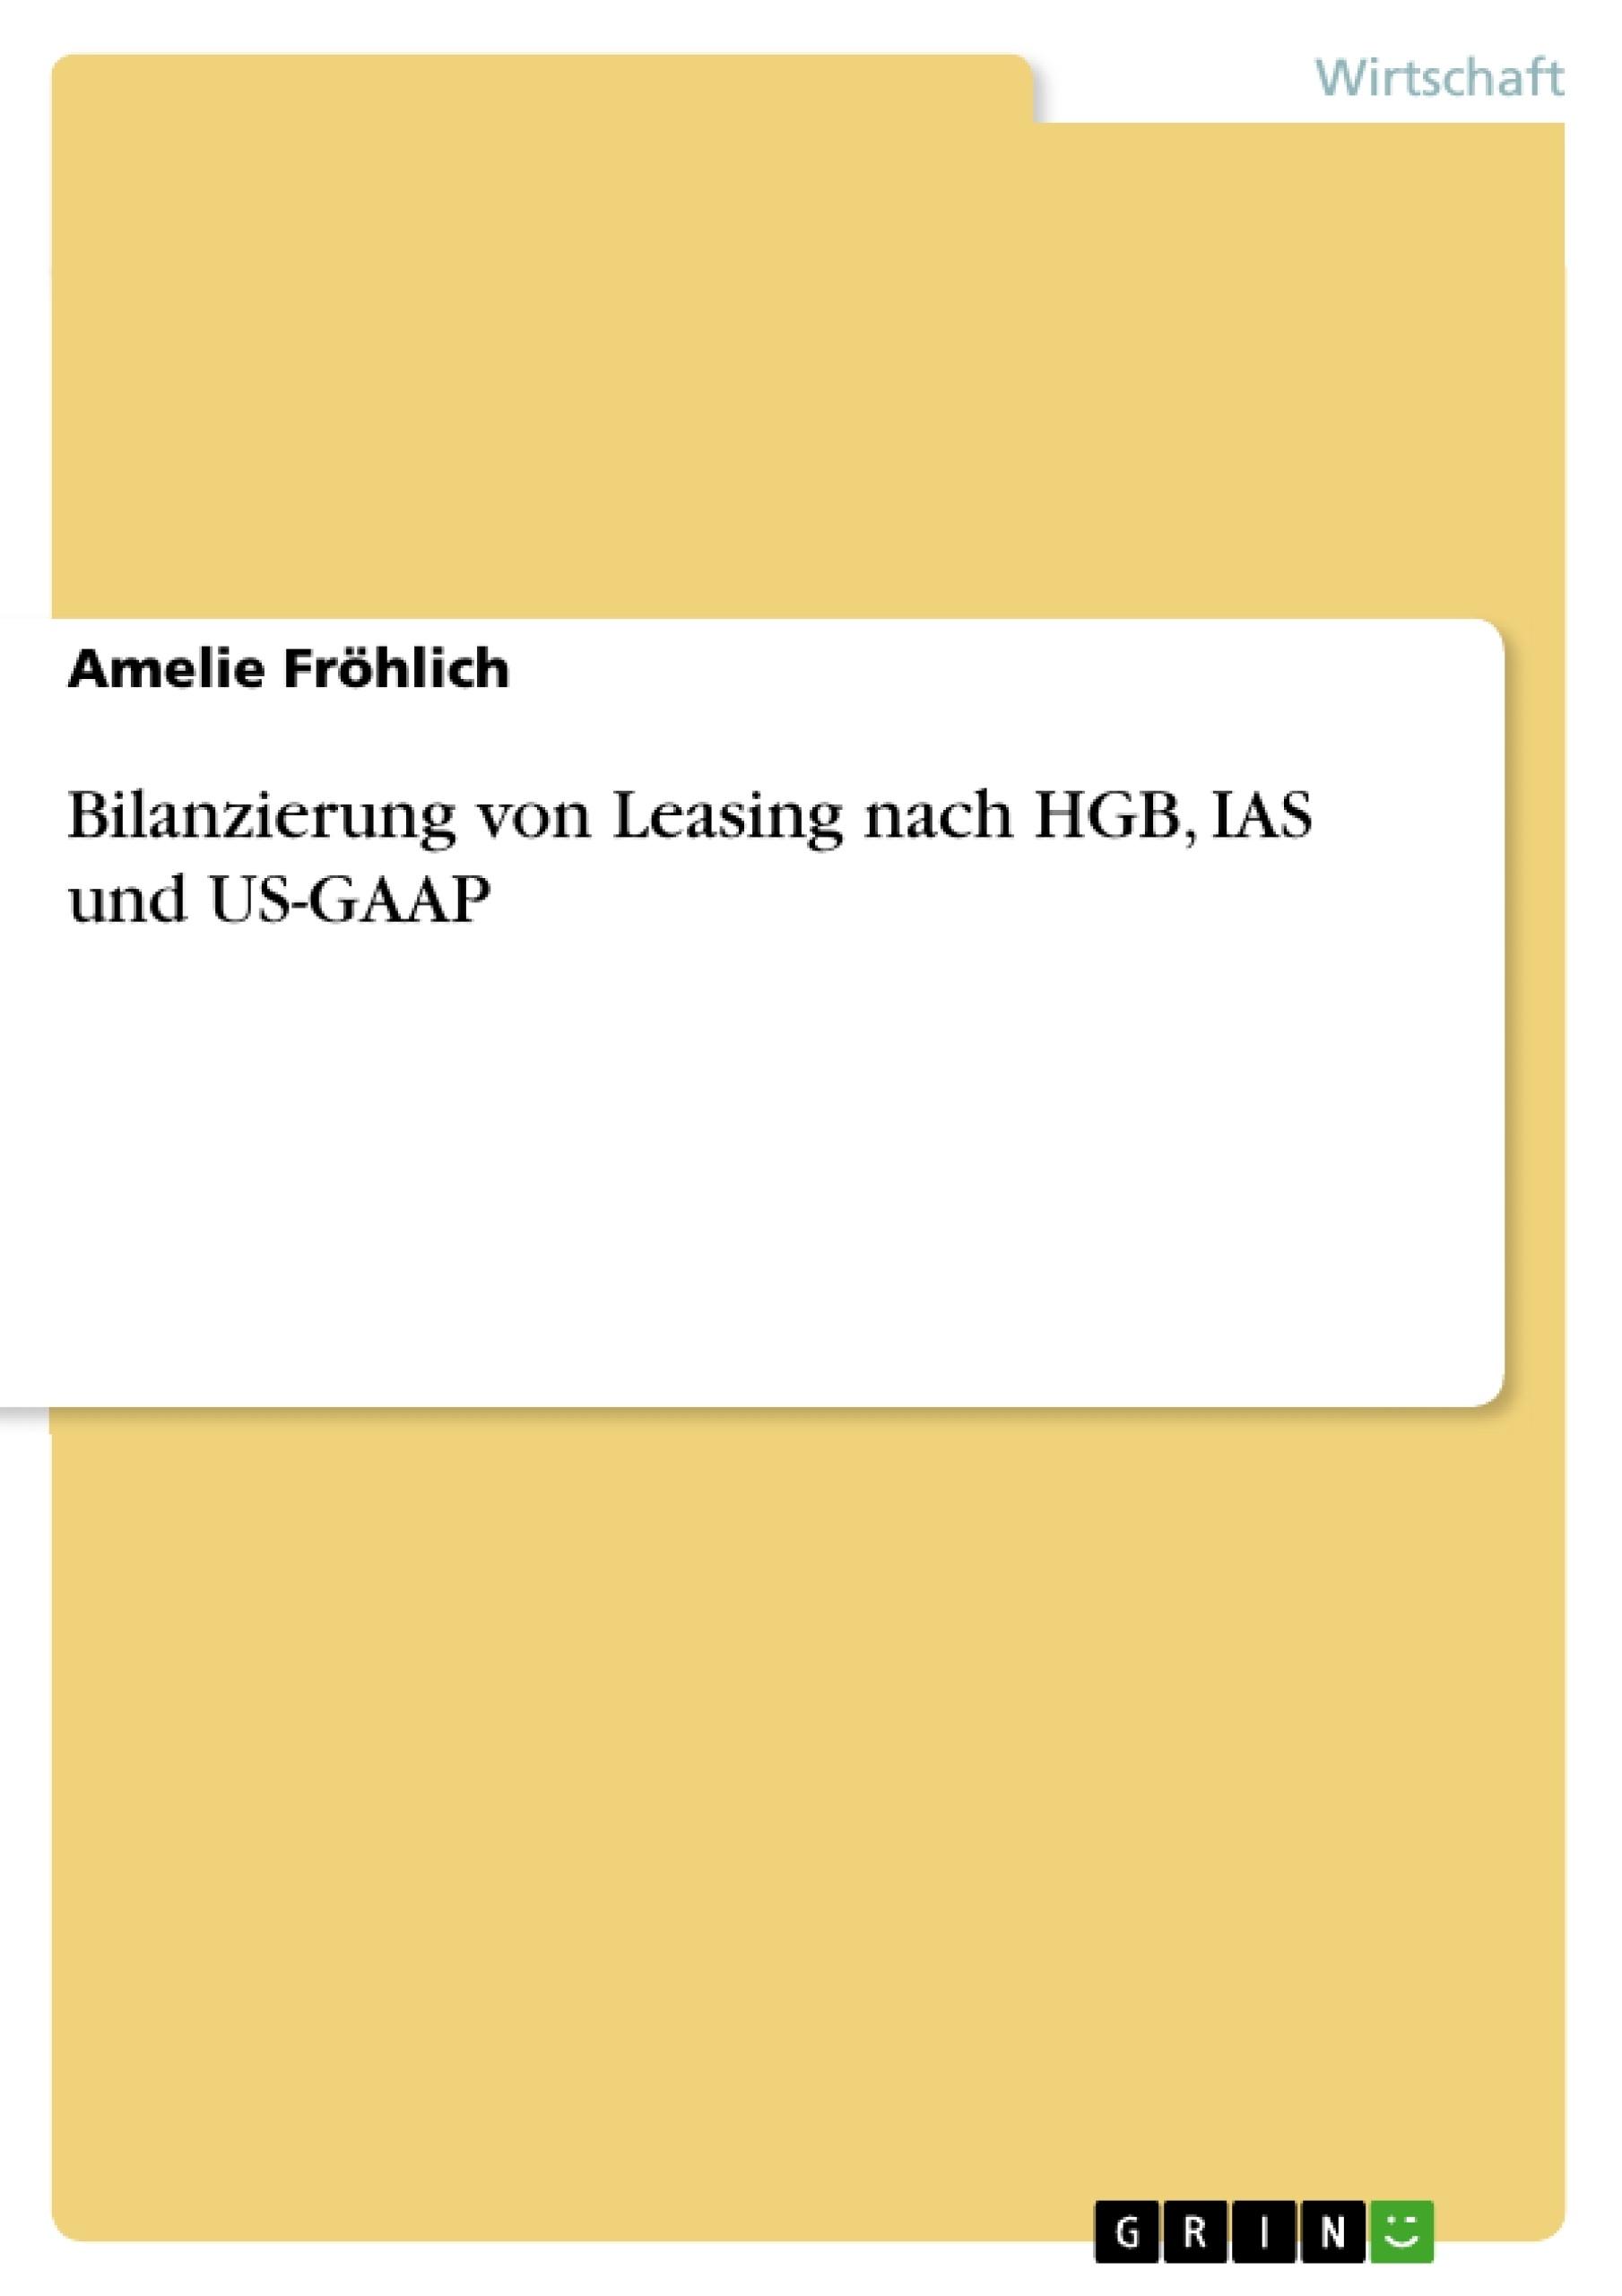 Titel: Bilanzierung von Leasing nach HGB, IAS und US-GAAP